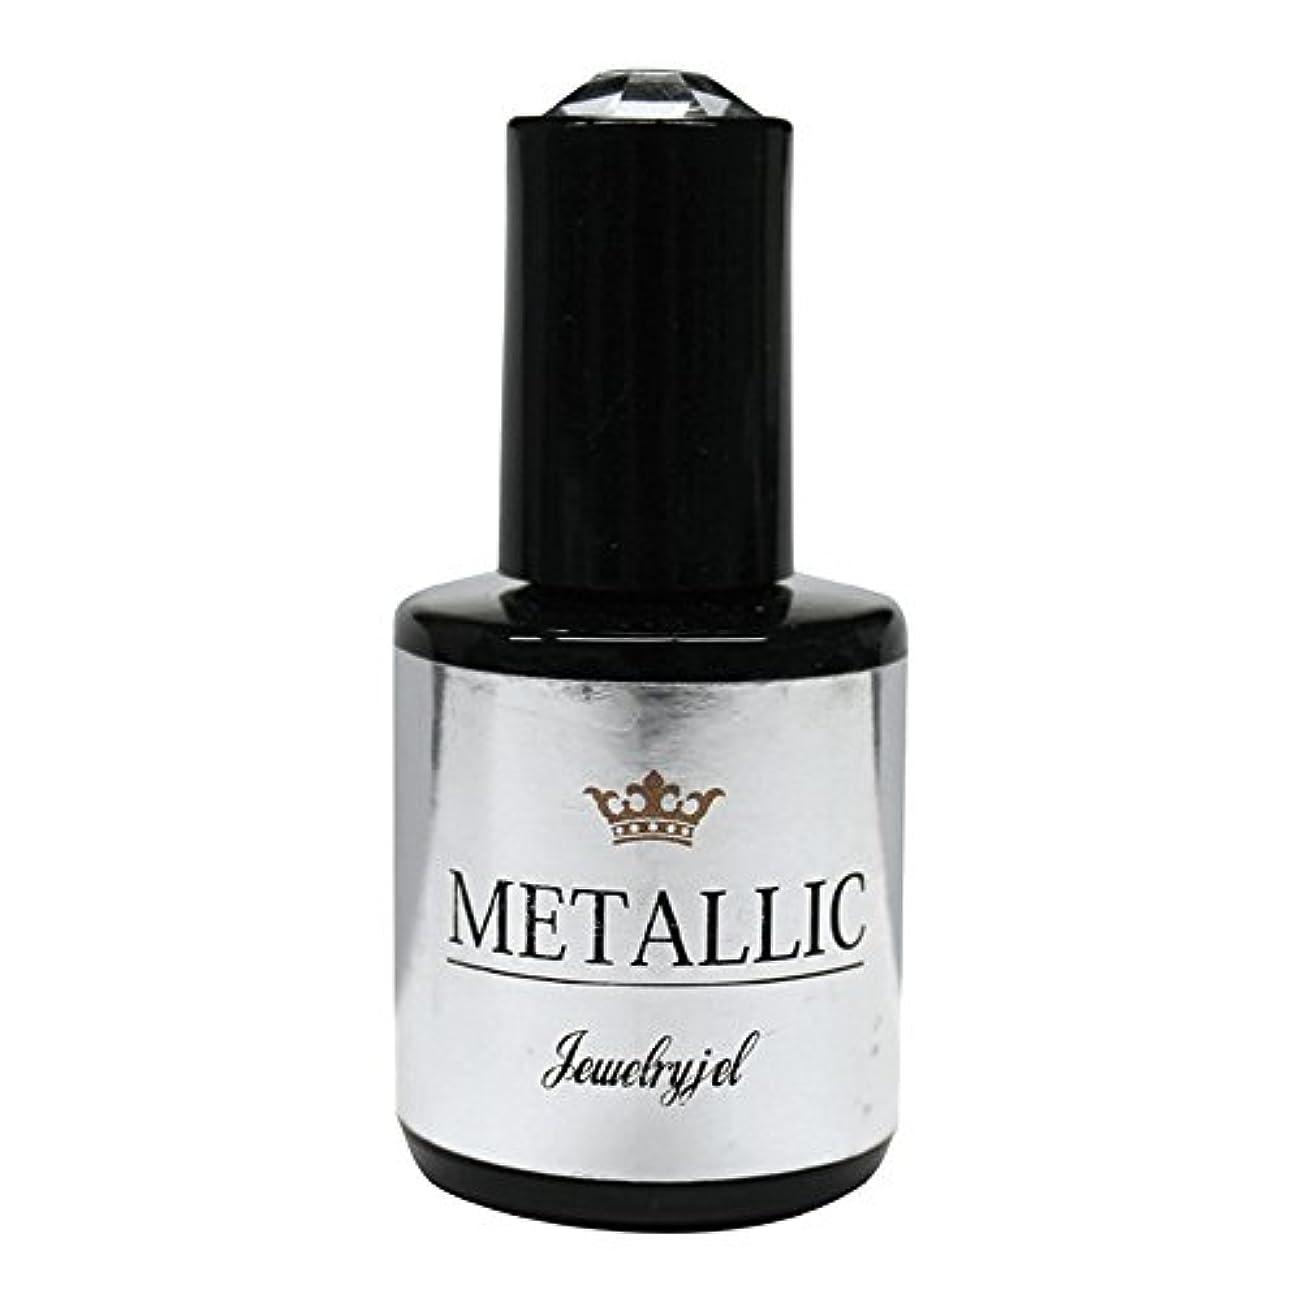 潮銅友情ジュエリージェル ジェルネイル メタリックカラージェル MT022 5ml   UV/LED対応 カラージェル ソークオフジェル